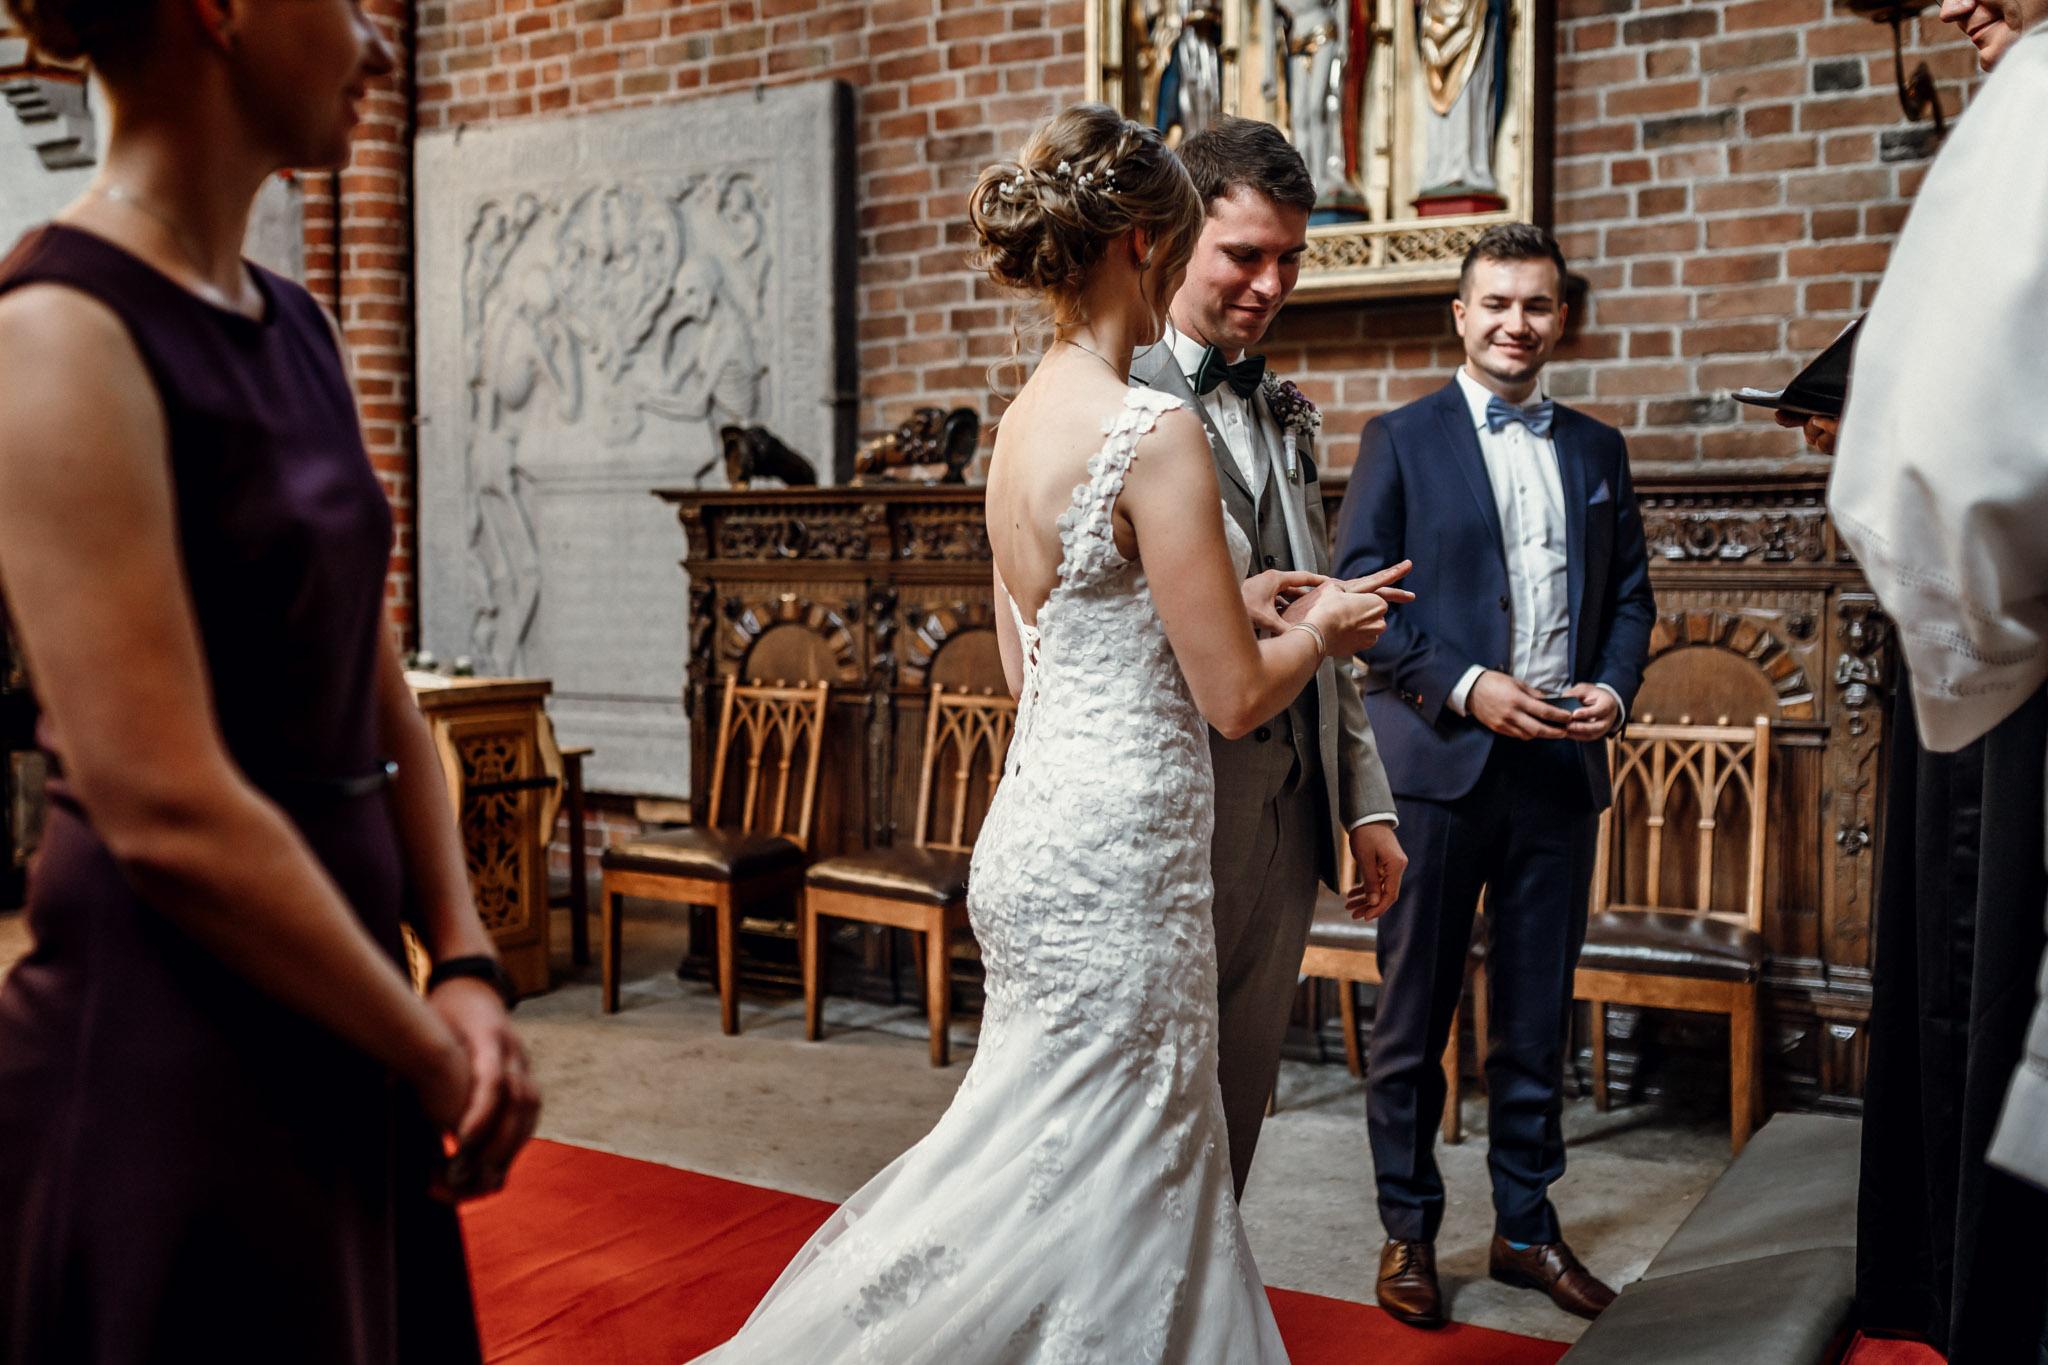 Sven Schomburg Hochzeitsfotografie, Hamburg, Mölln, Hochzeitsfieber by Photo-Schomburg, Hochzeitsreportage, Forsthaus Waldhusen, Braut, Bräutigam-39